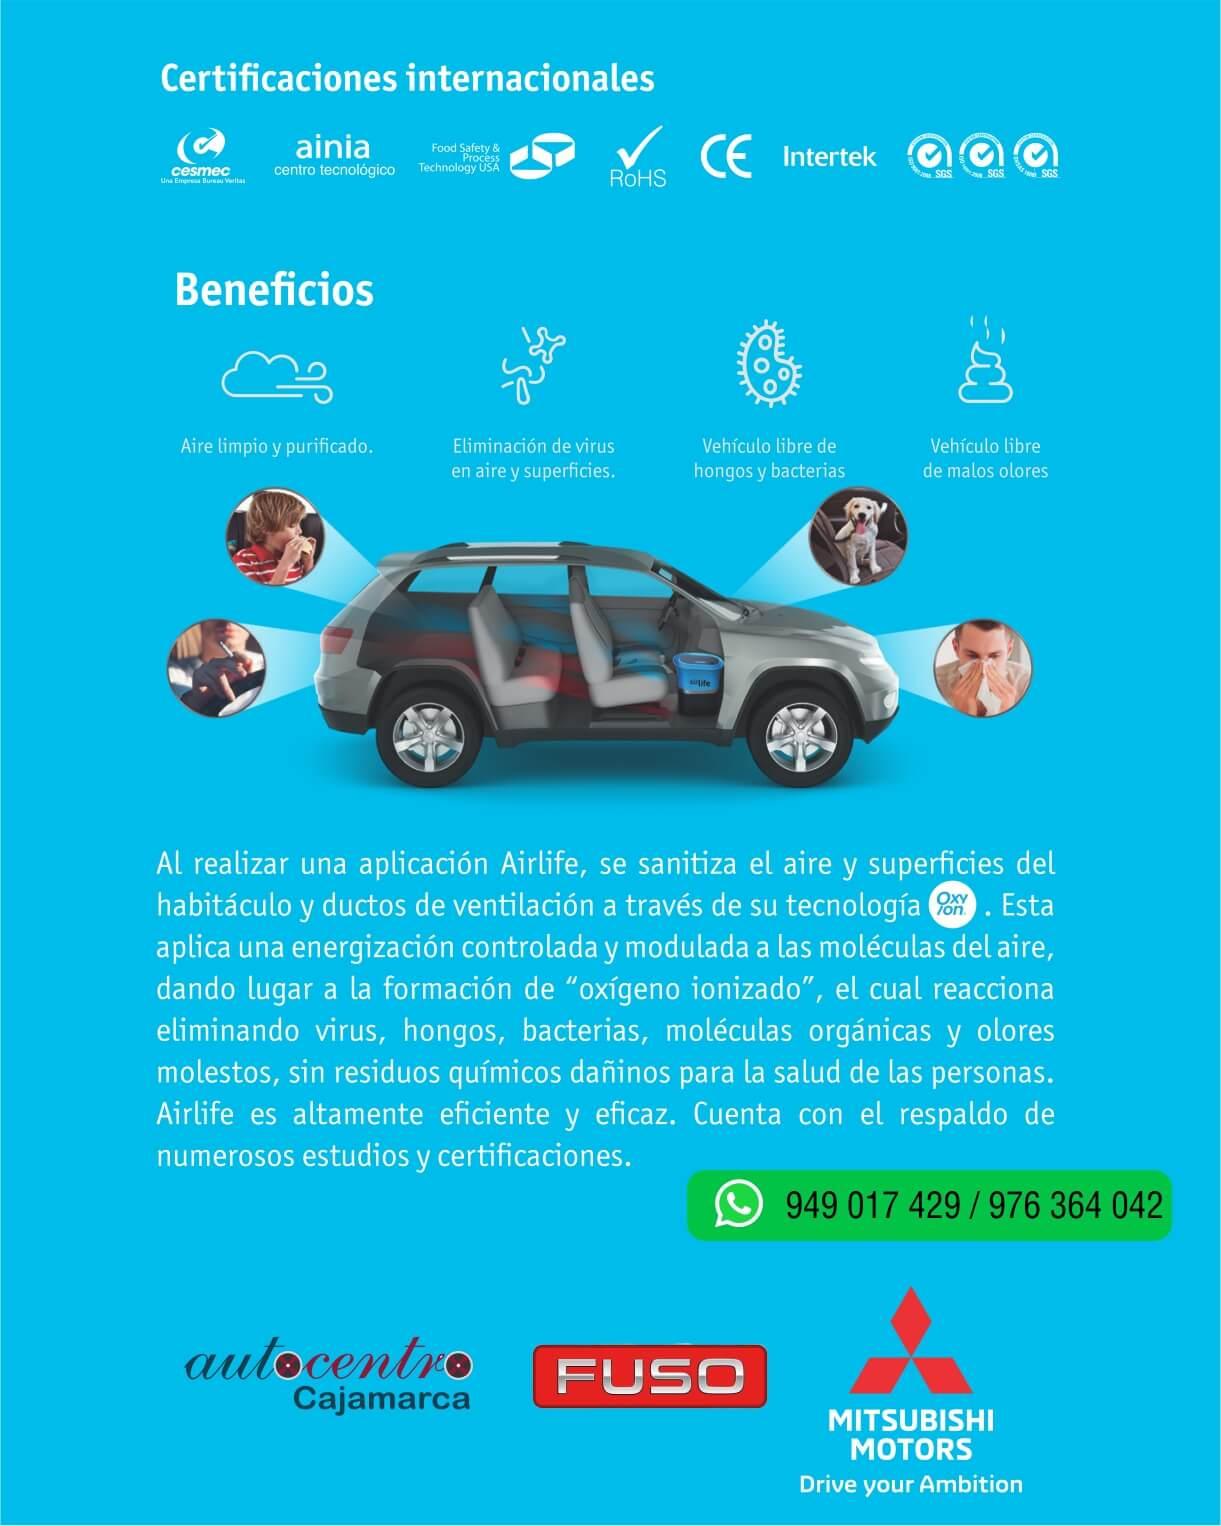 Airlife Cajamarca